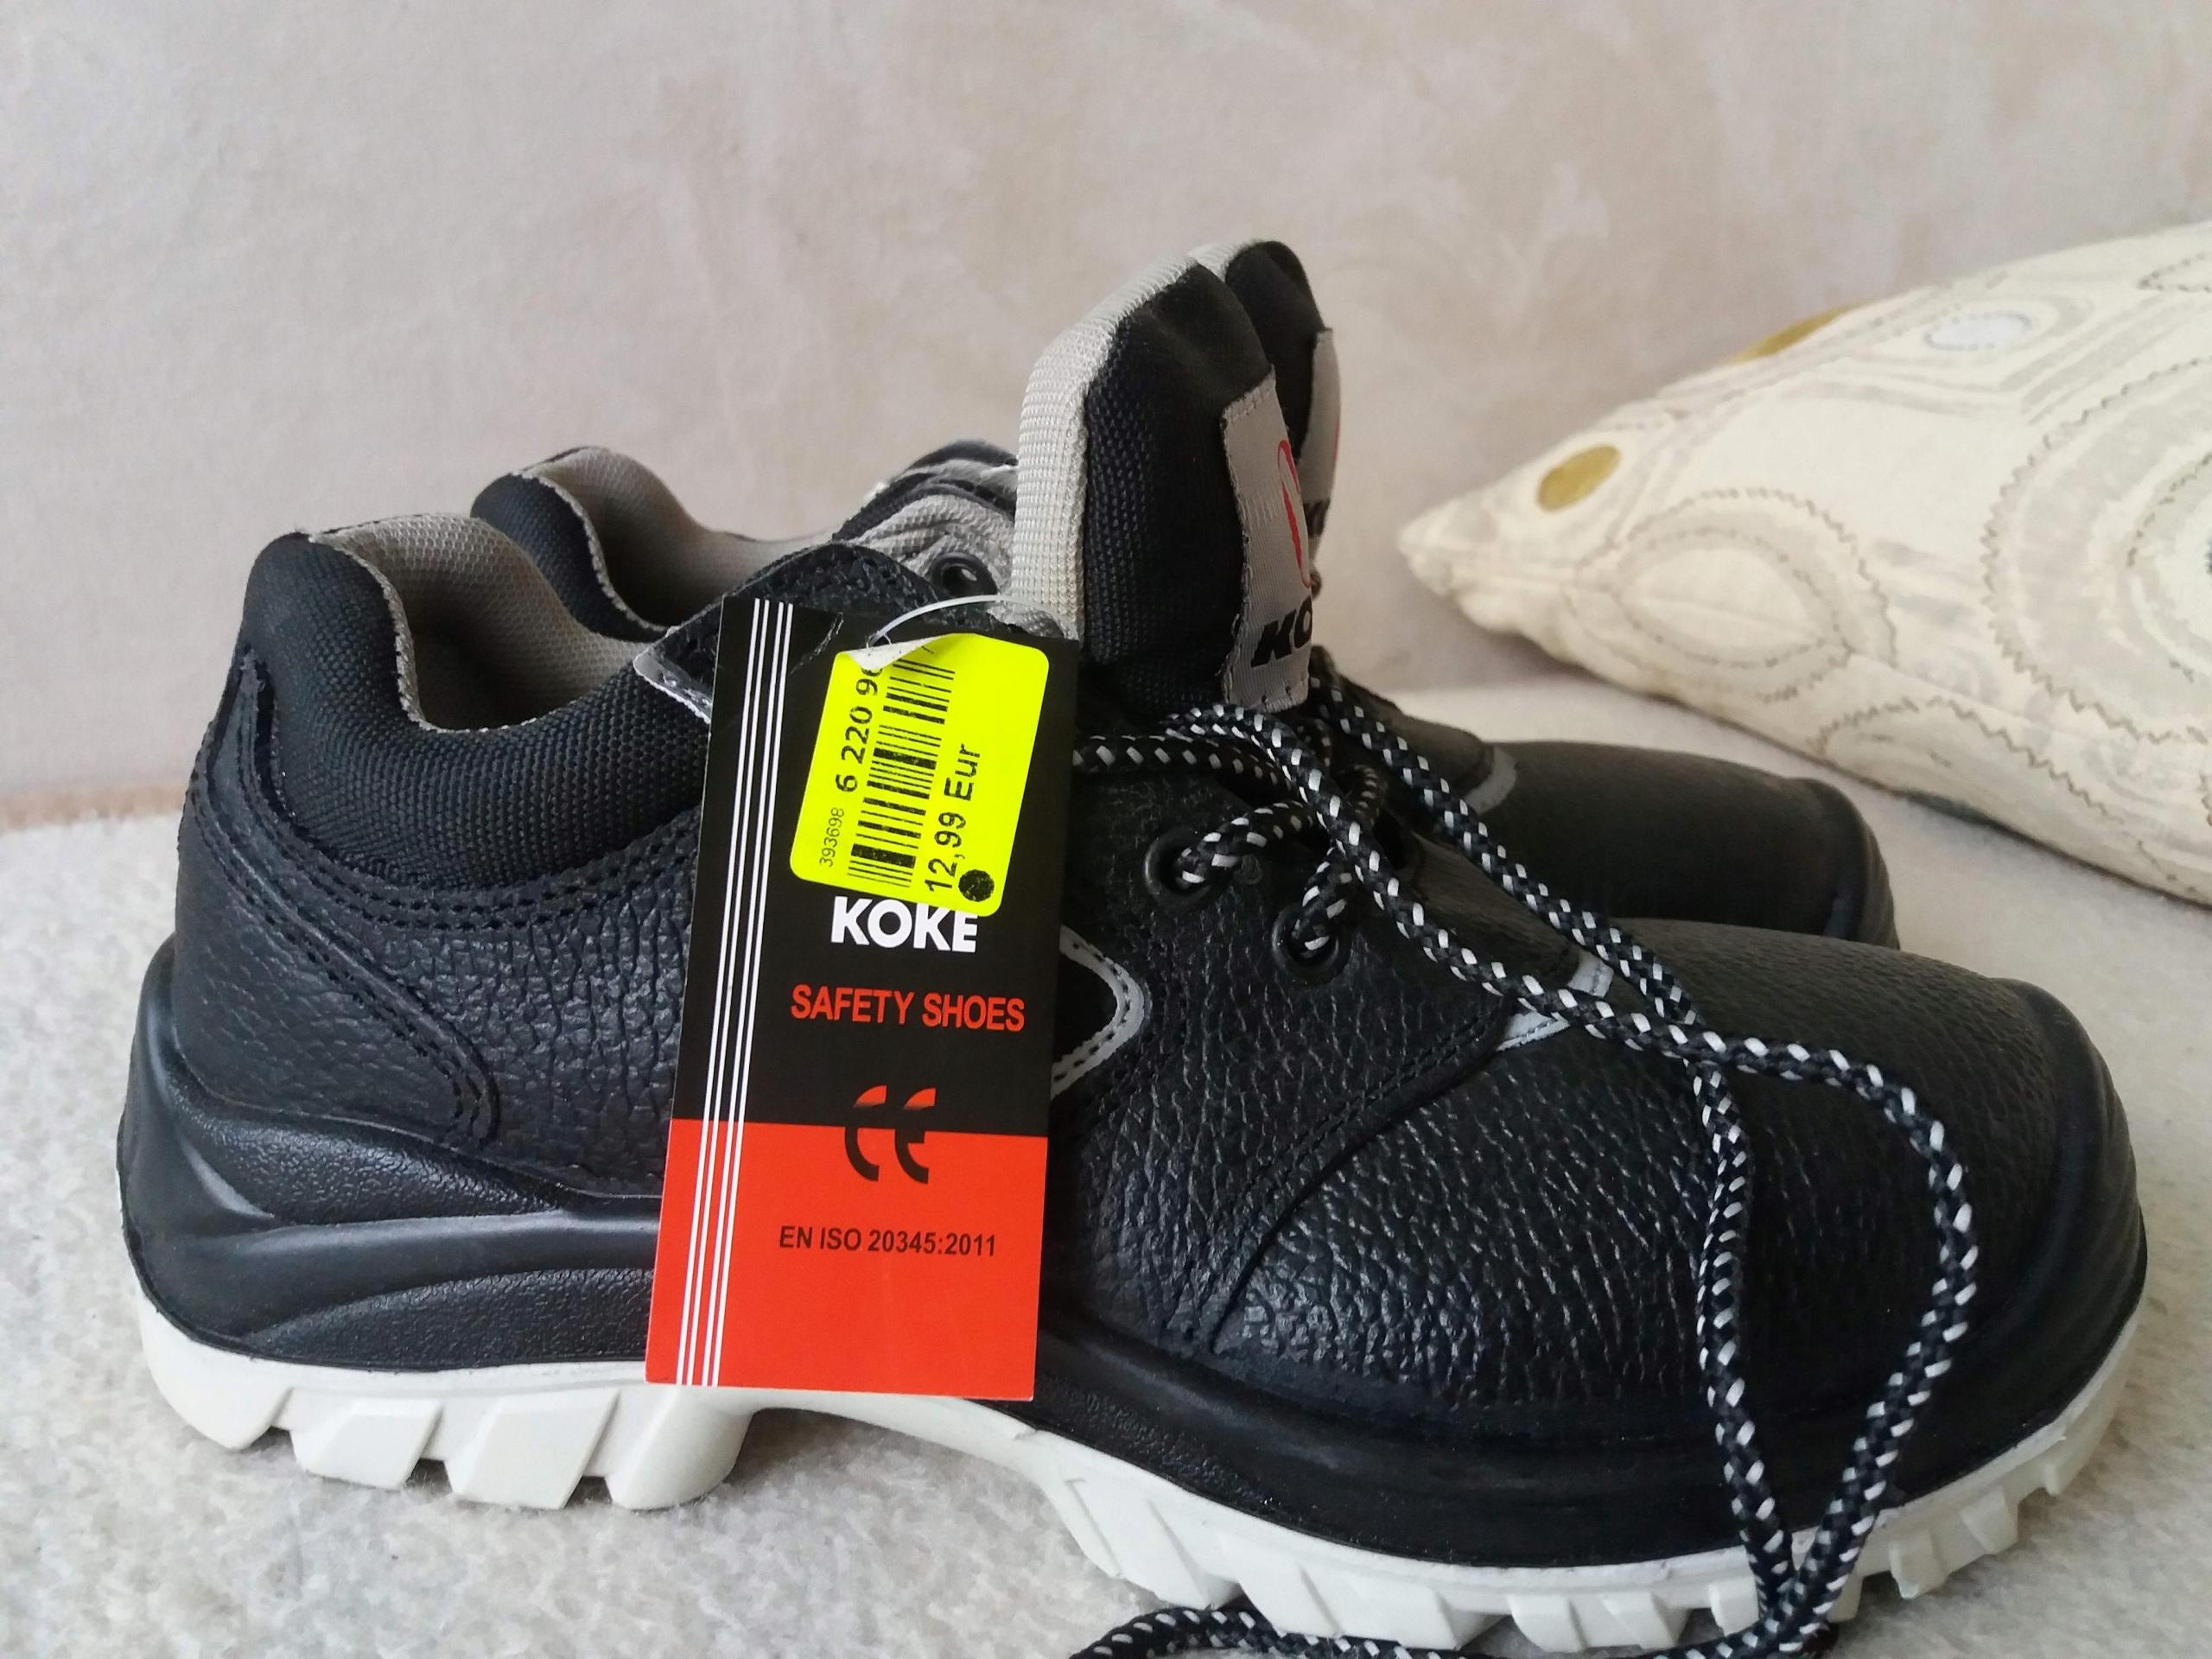 5548be8b504b59 buty trzewiki bhp ochronne męskie 36 S3-SRC SKÓRA - 7709928519 ...